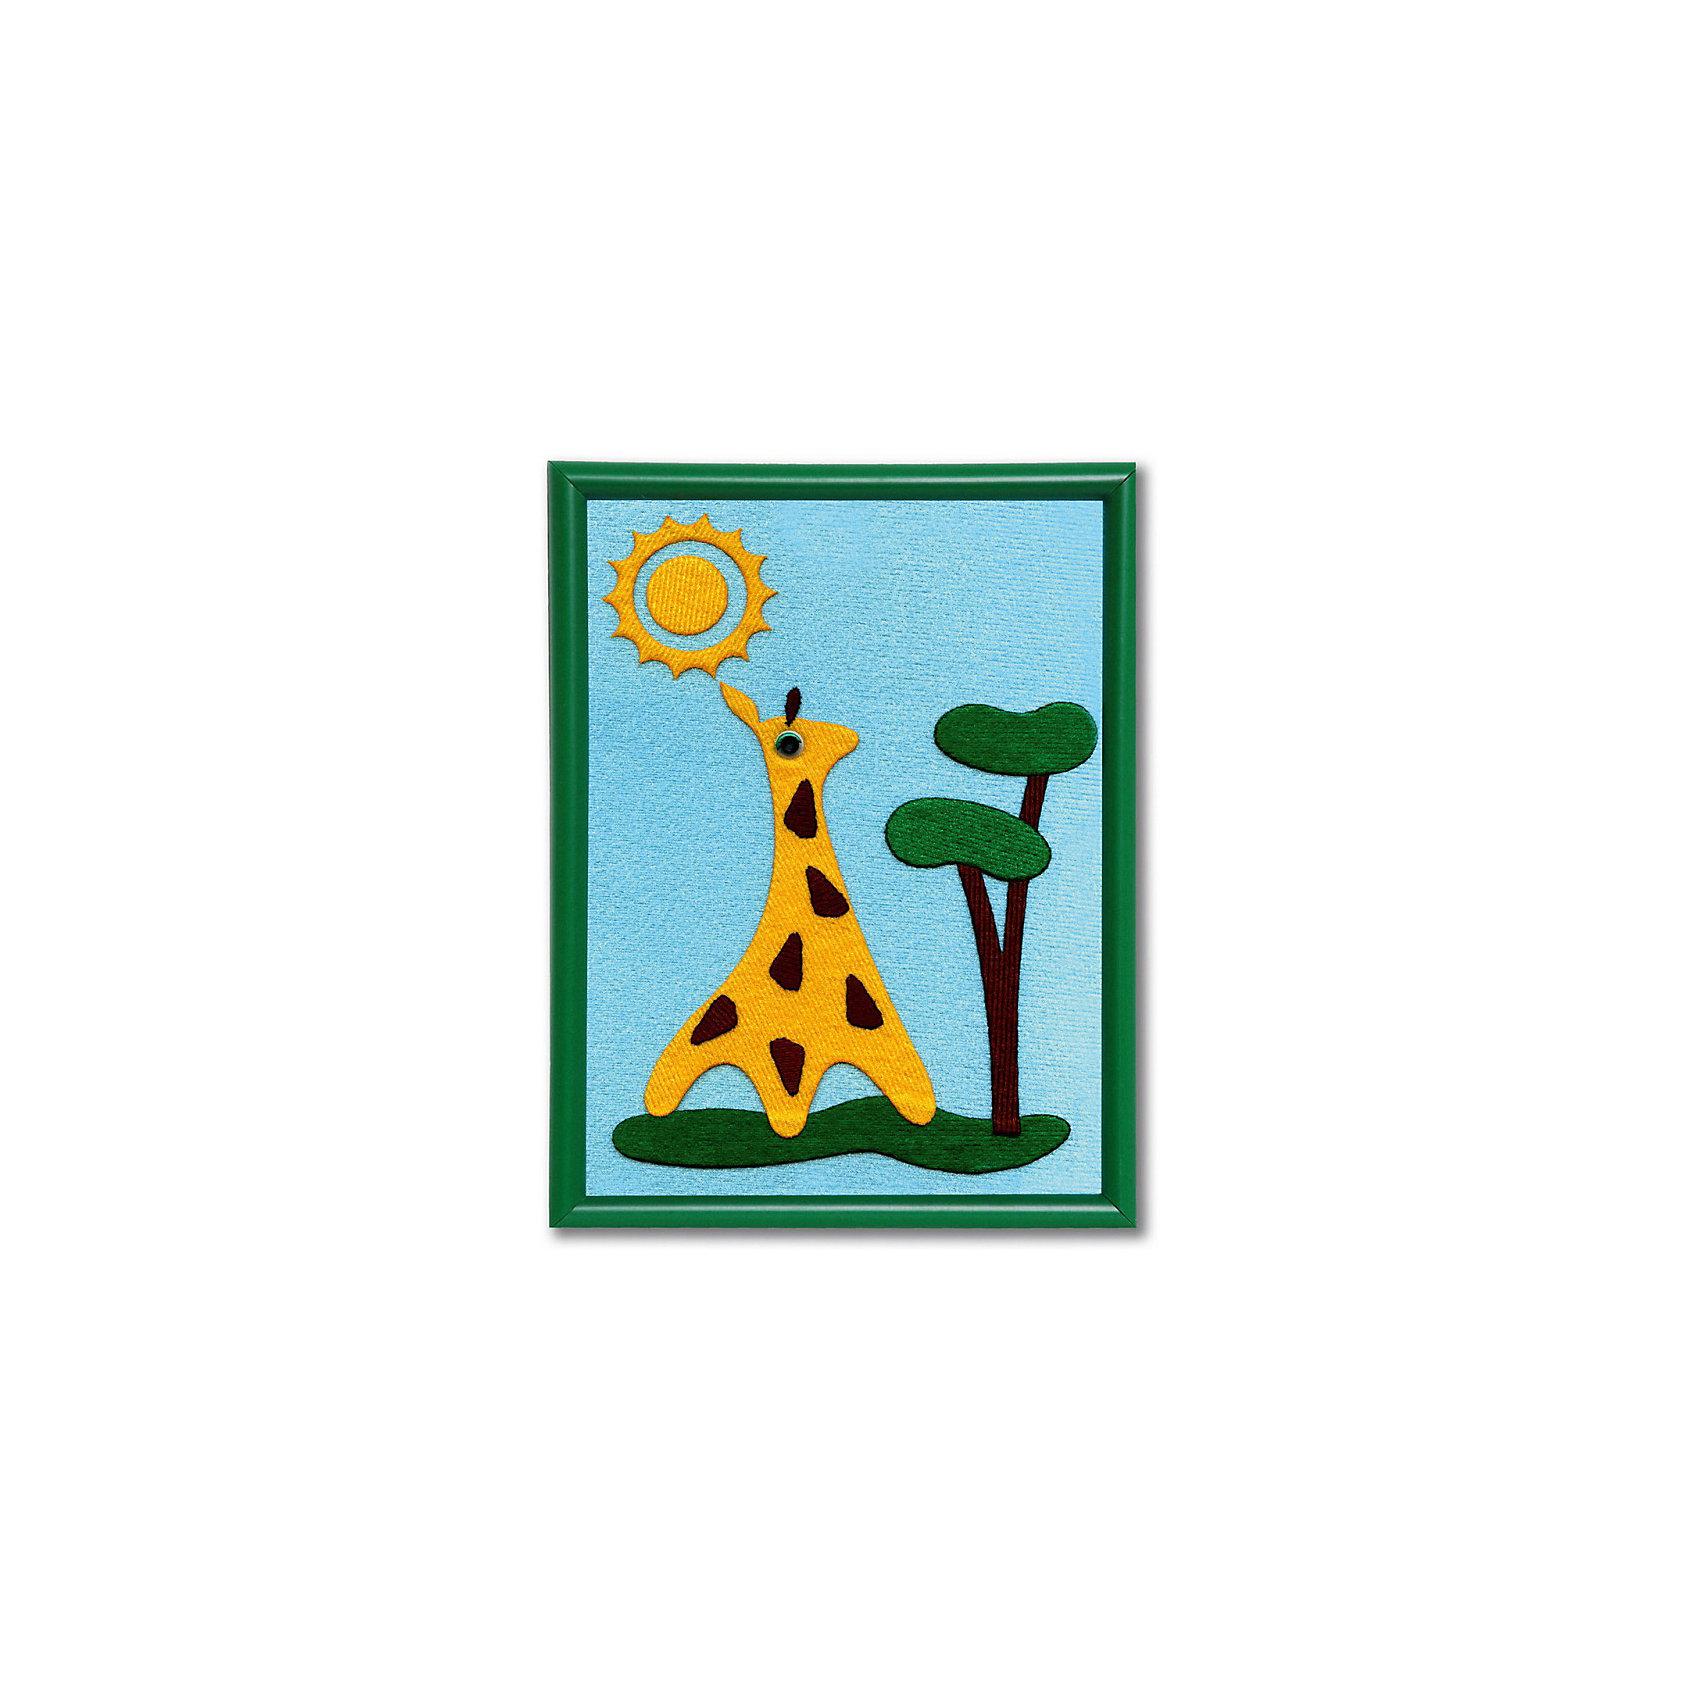 Стигис-аппликация для малышей ЖирафикБумага<br>Стигис-аппликация Жирафик - прекрасный вариант для детского творчества. Прекрасно развивает усидчивость, внимание и творческое мышление. Для создания привлекательной картины ребенку нужно только выложить готовые детали ткани на основу из картона, обтянутого тканью. С помощью мамы аппликацию следует прогладить утюгом - очаровательный жирафик готов! В набор входит рамочка для картины 20х15 см. Теперь красивой поделкой можно украсить детскую комнату или просто оставить в подарок друзьям!<br><br>Дополнительная информация:<br>В комплекте: рамочка, основа из картона, готовые детали из stigis ткани, объемные пластиковые глаза<br>Размер: 1,5х17х23 см<br>Вес: 130 грамм<br>Набор для стигис-аппликации Жирафик вы можете приобрести в нашем интернет-магазине.<br><br>Ширина мм: 230<br>Глубина мм: 170<br>Высота мм: 15<br>Вес г: 130<br>Возраст от месяцев: 24<br>Возраст до месяцев: 60<br>Пол: Унисекс<br>Возраст: Детский<br>SKU: 4939435